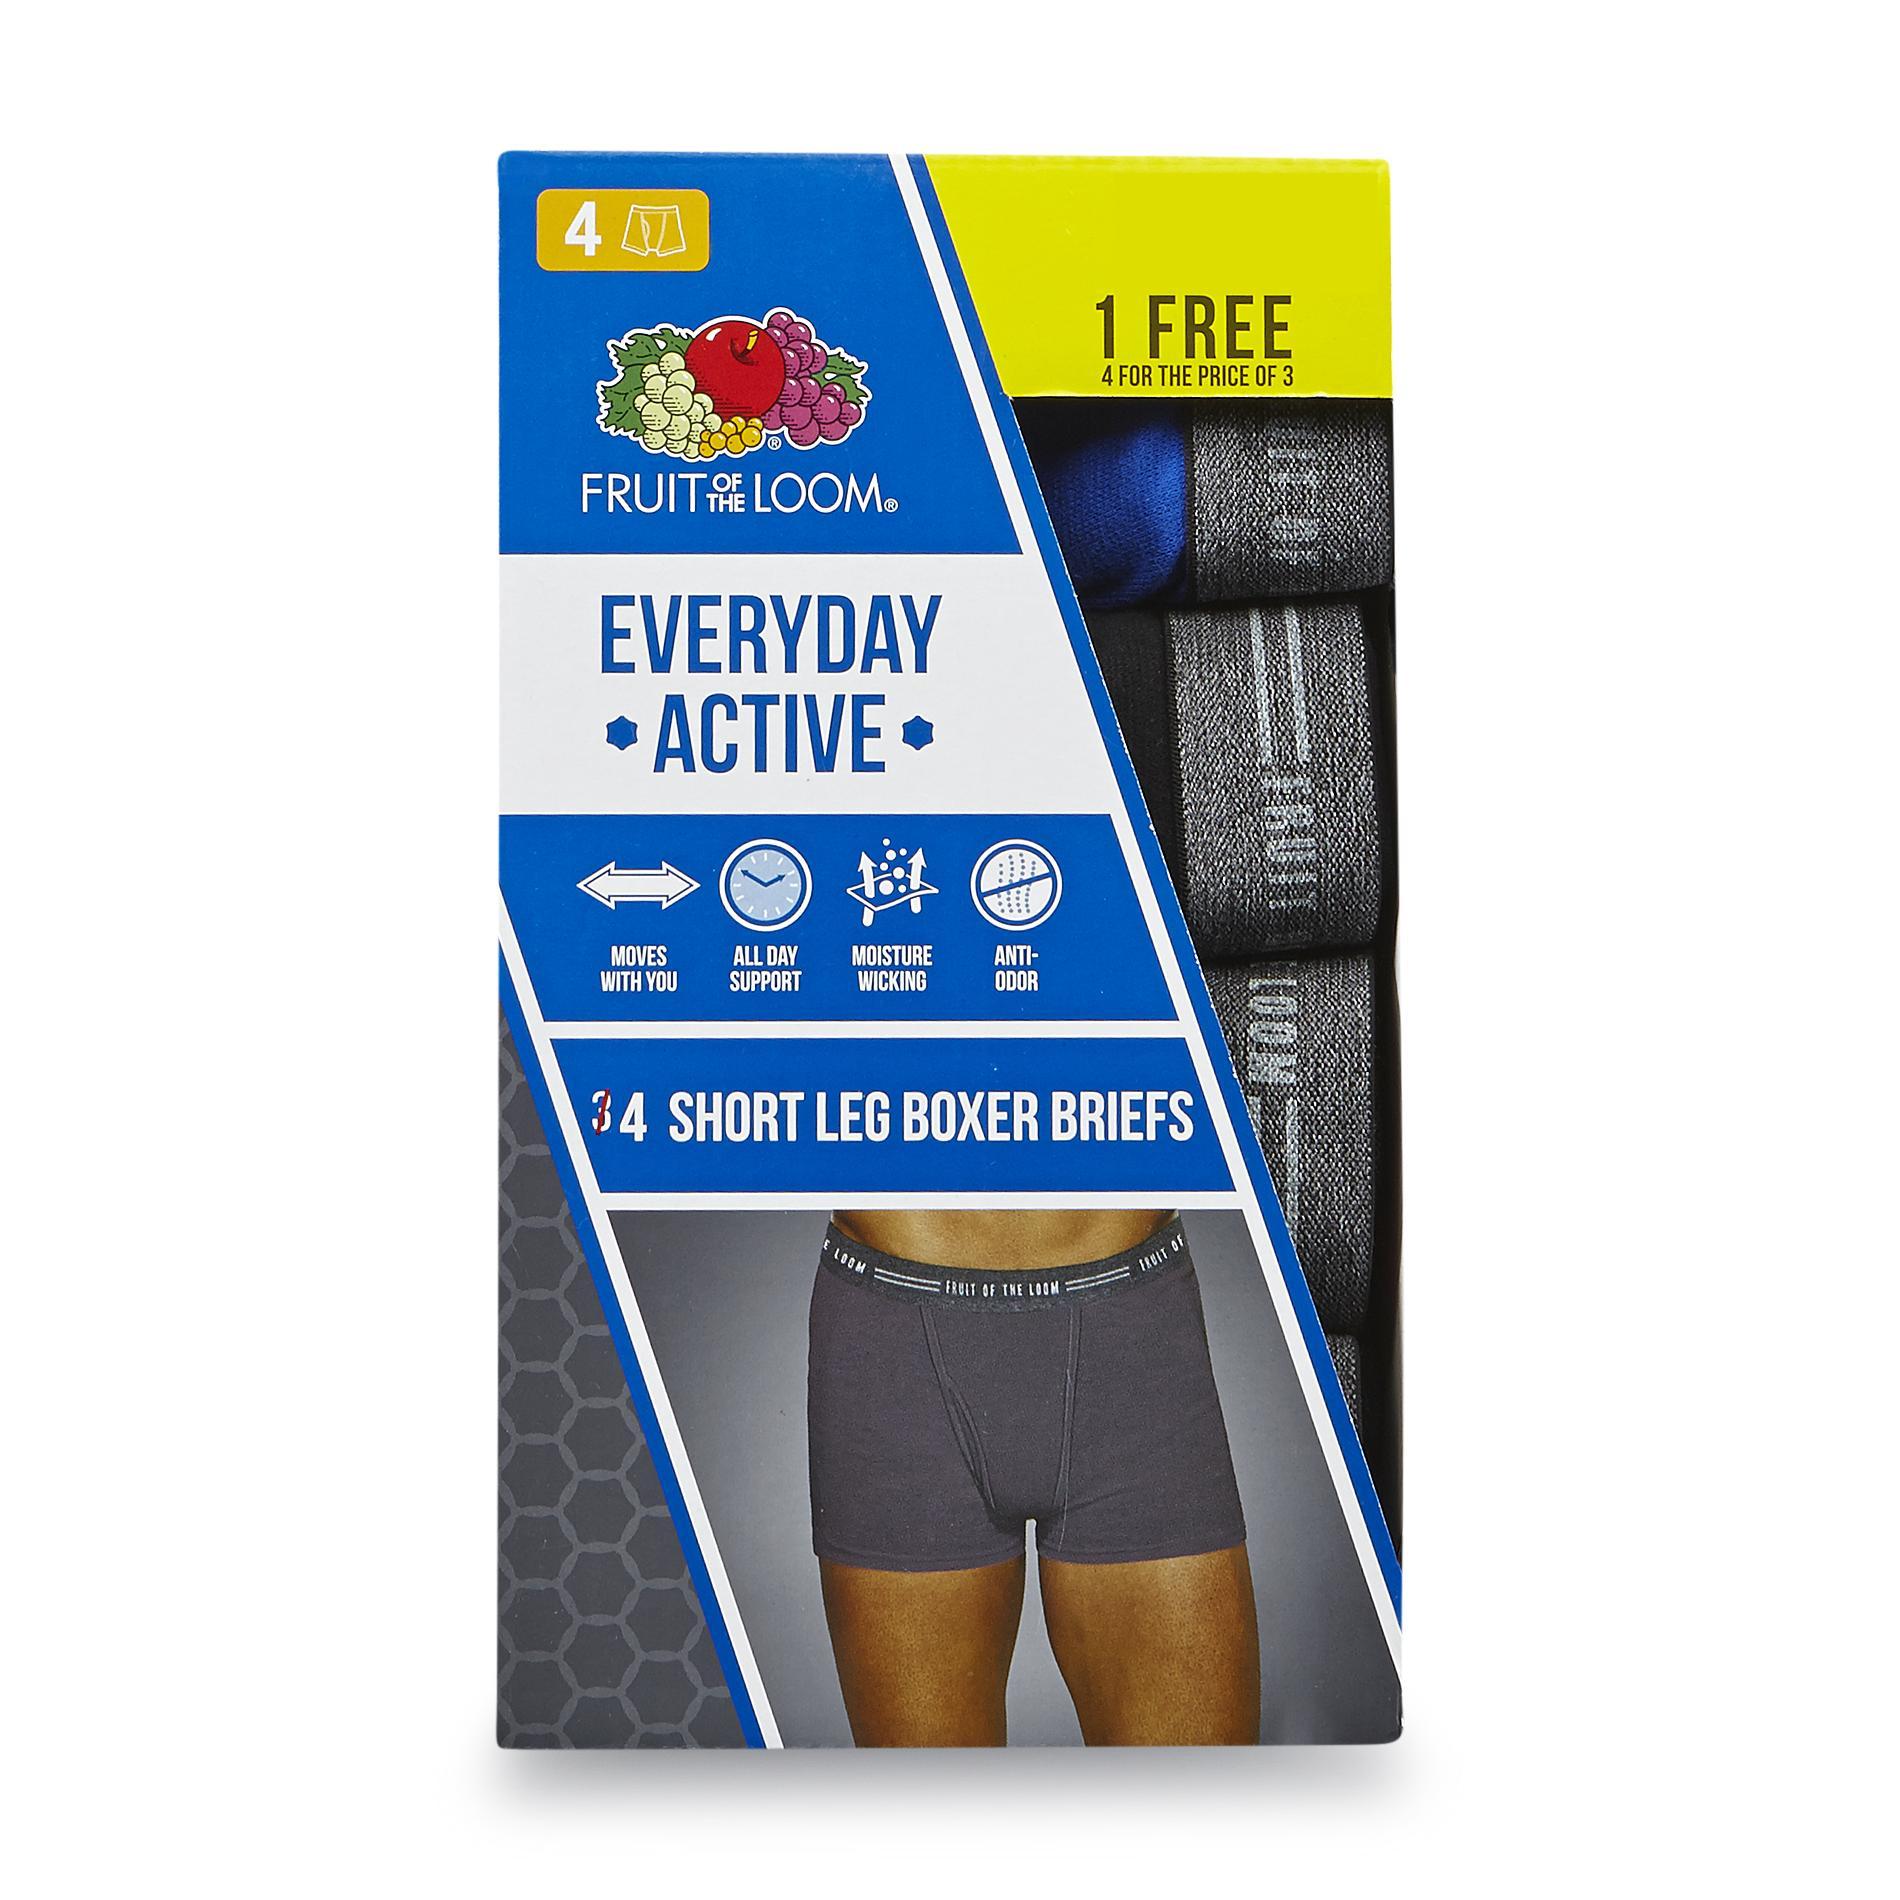 Fruit of the Loom Men's 4-Pack Short Leg Boxer Briefs